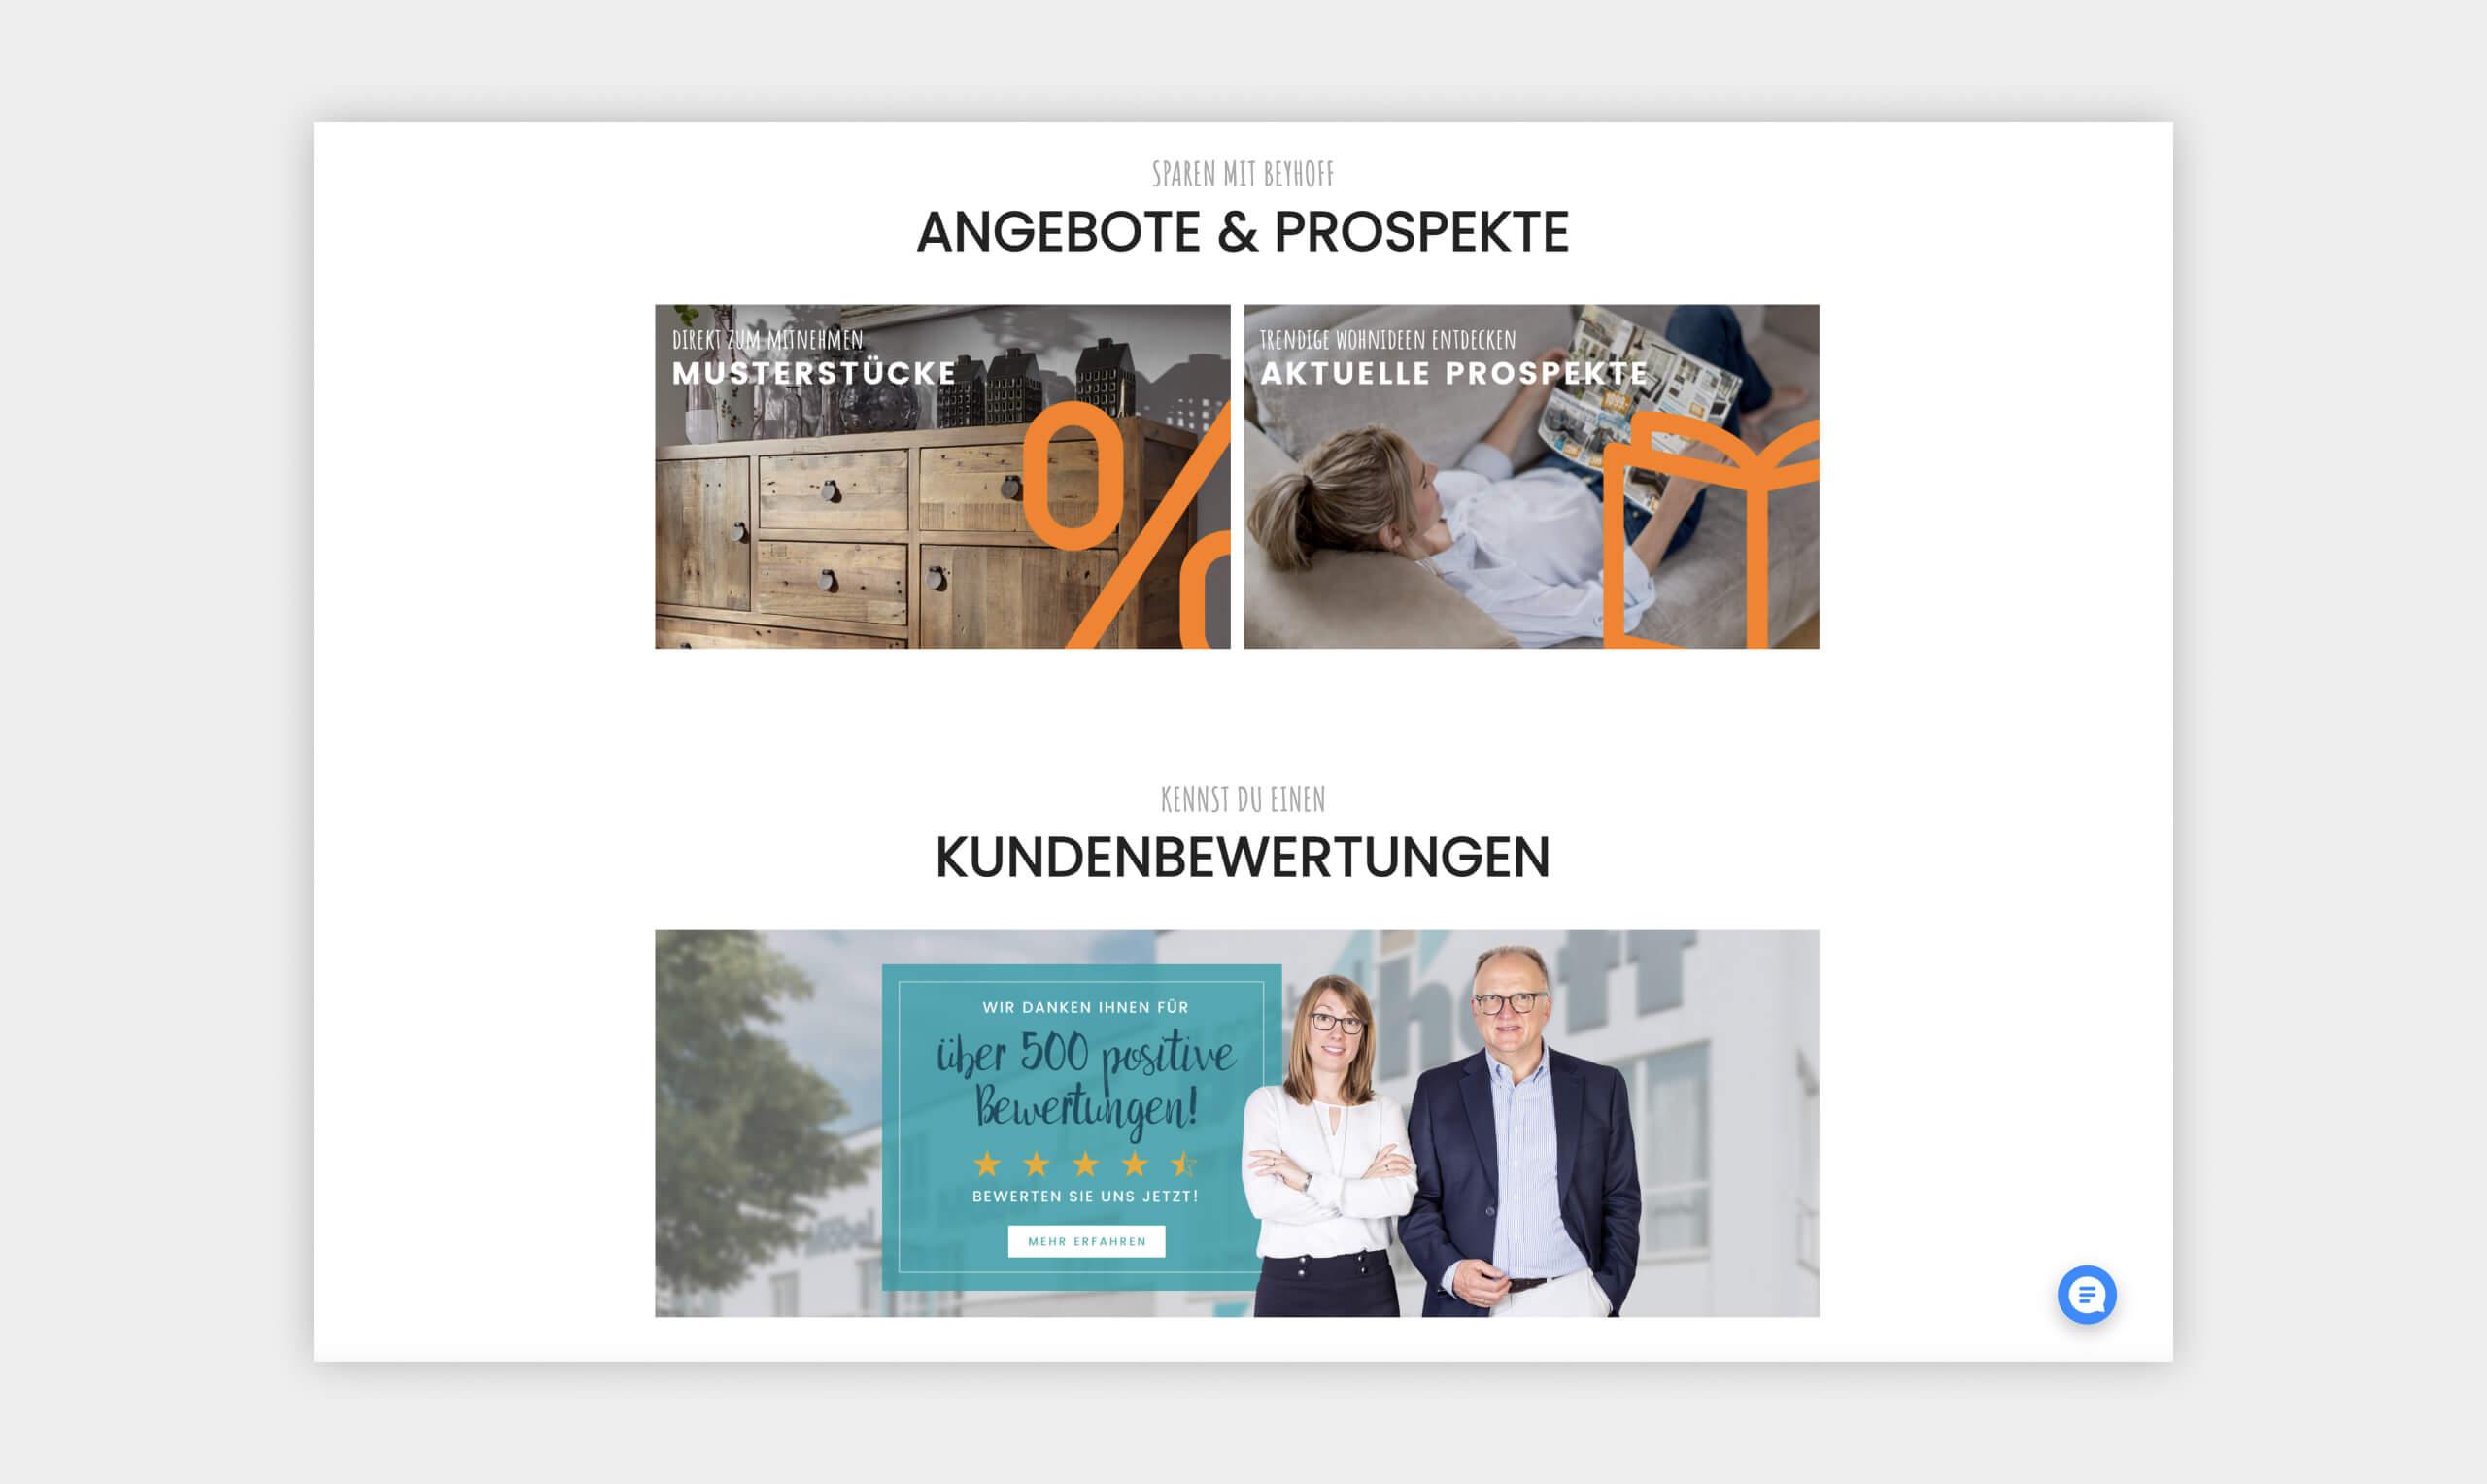 Auszug als Screenshot aus dem Angebotsbereich der Website von Möbel Beyhoff.